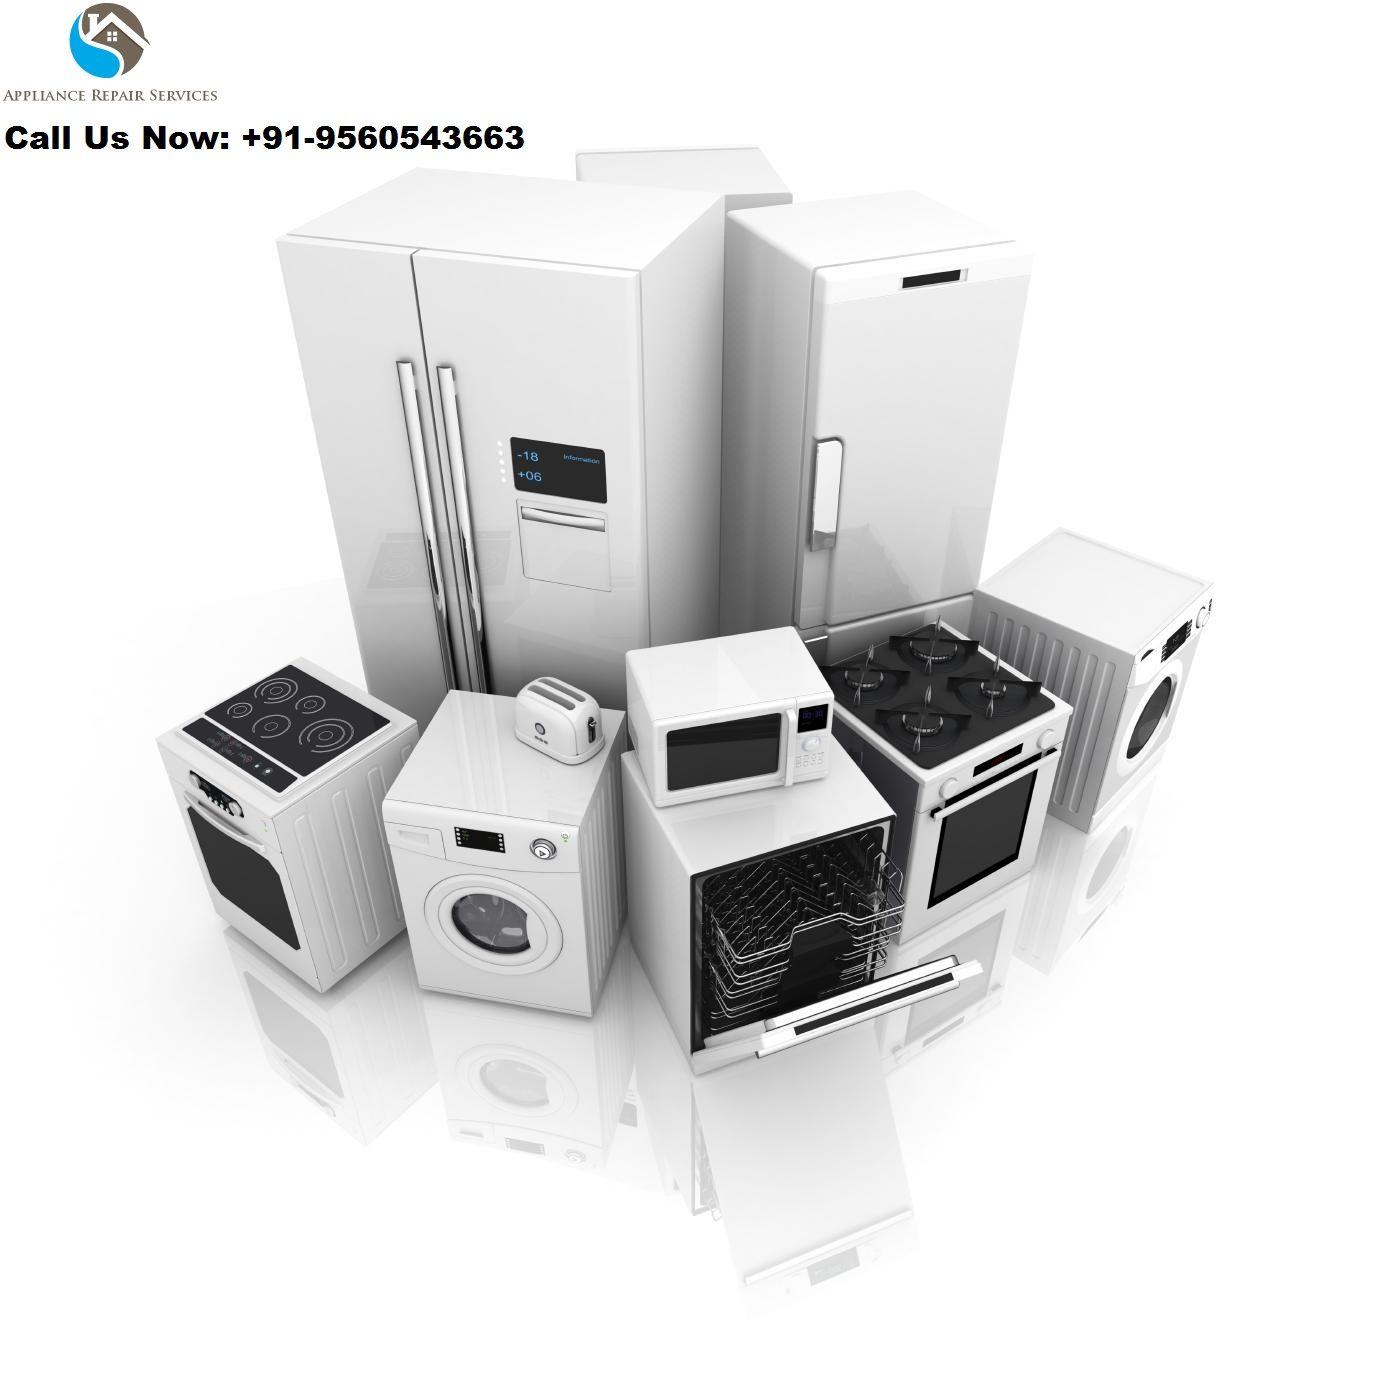 We offers fridge, refrigerator repair in Gurgaon. call us